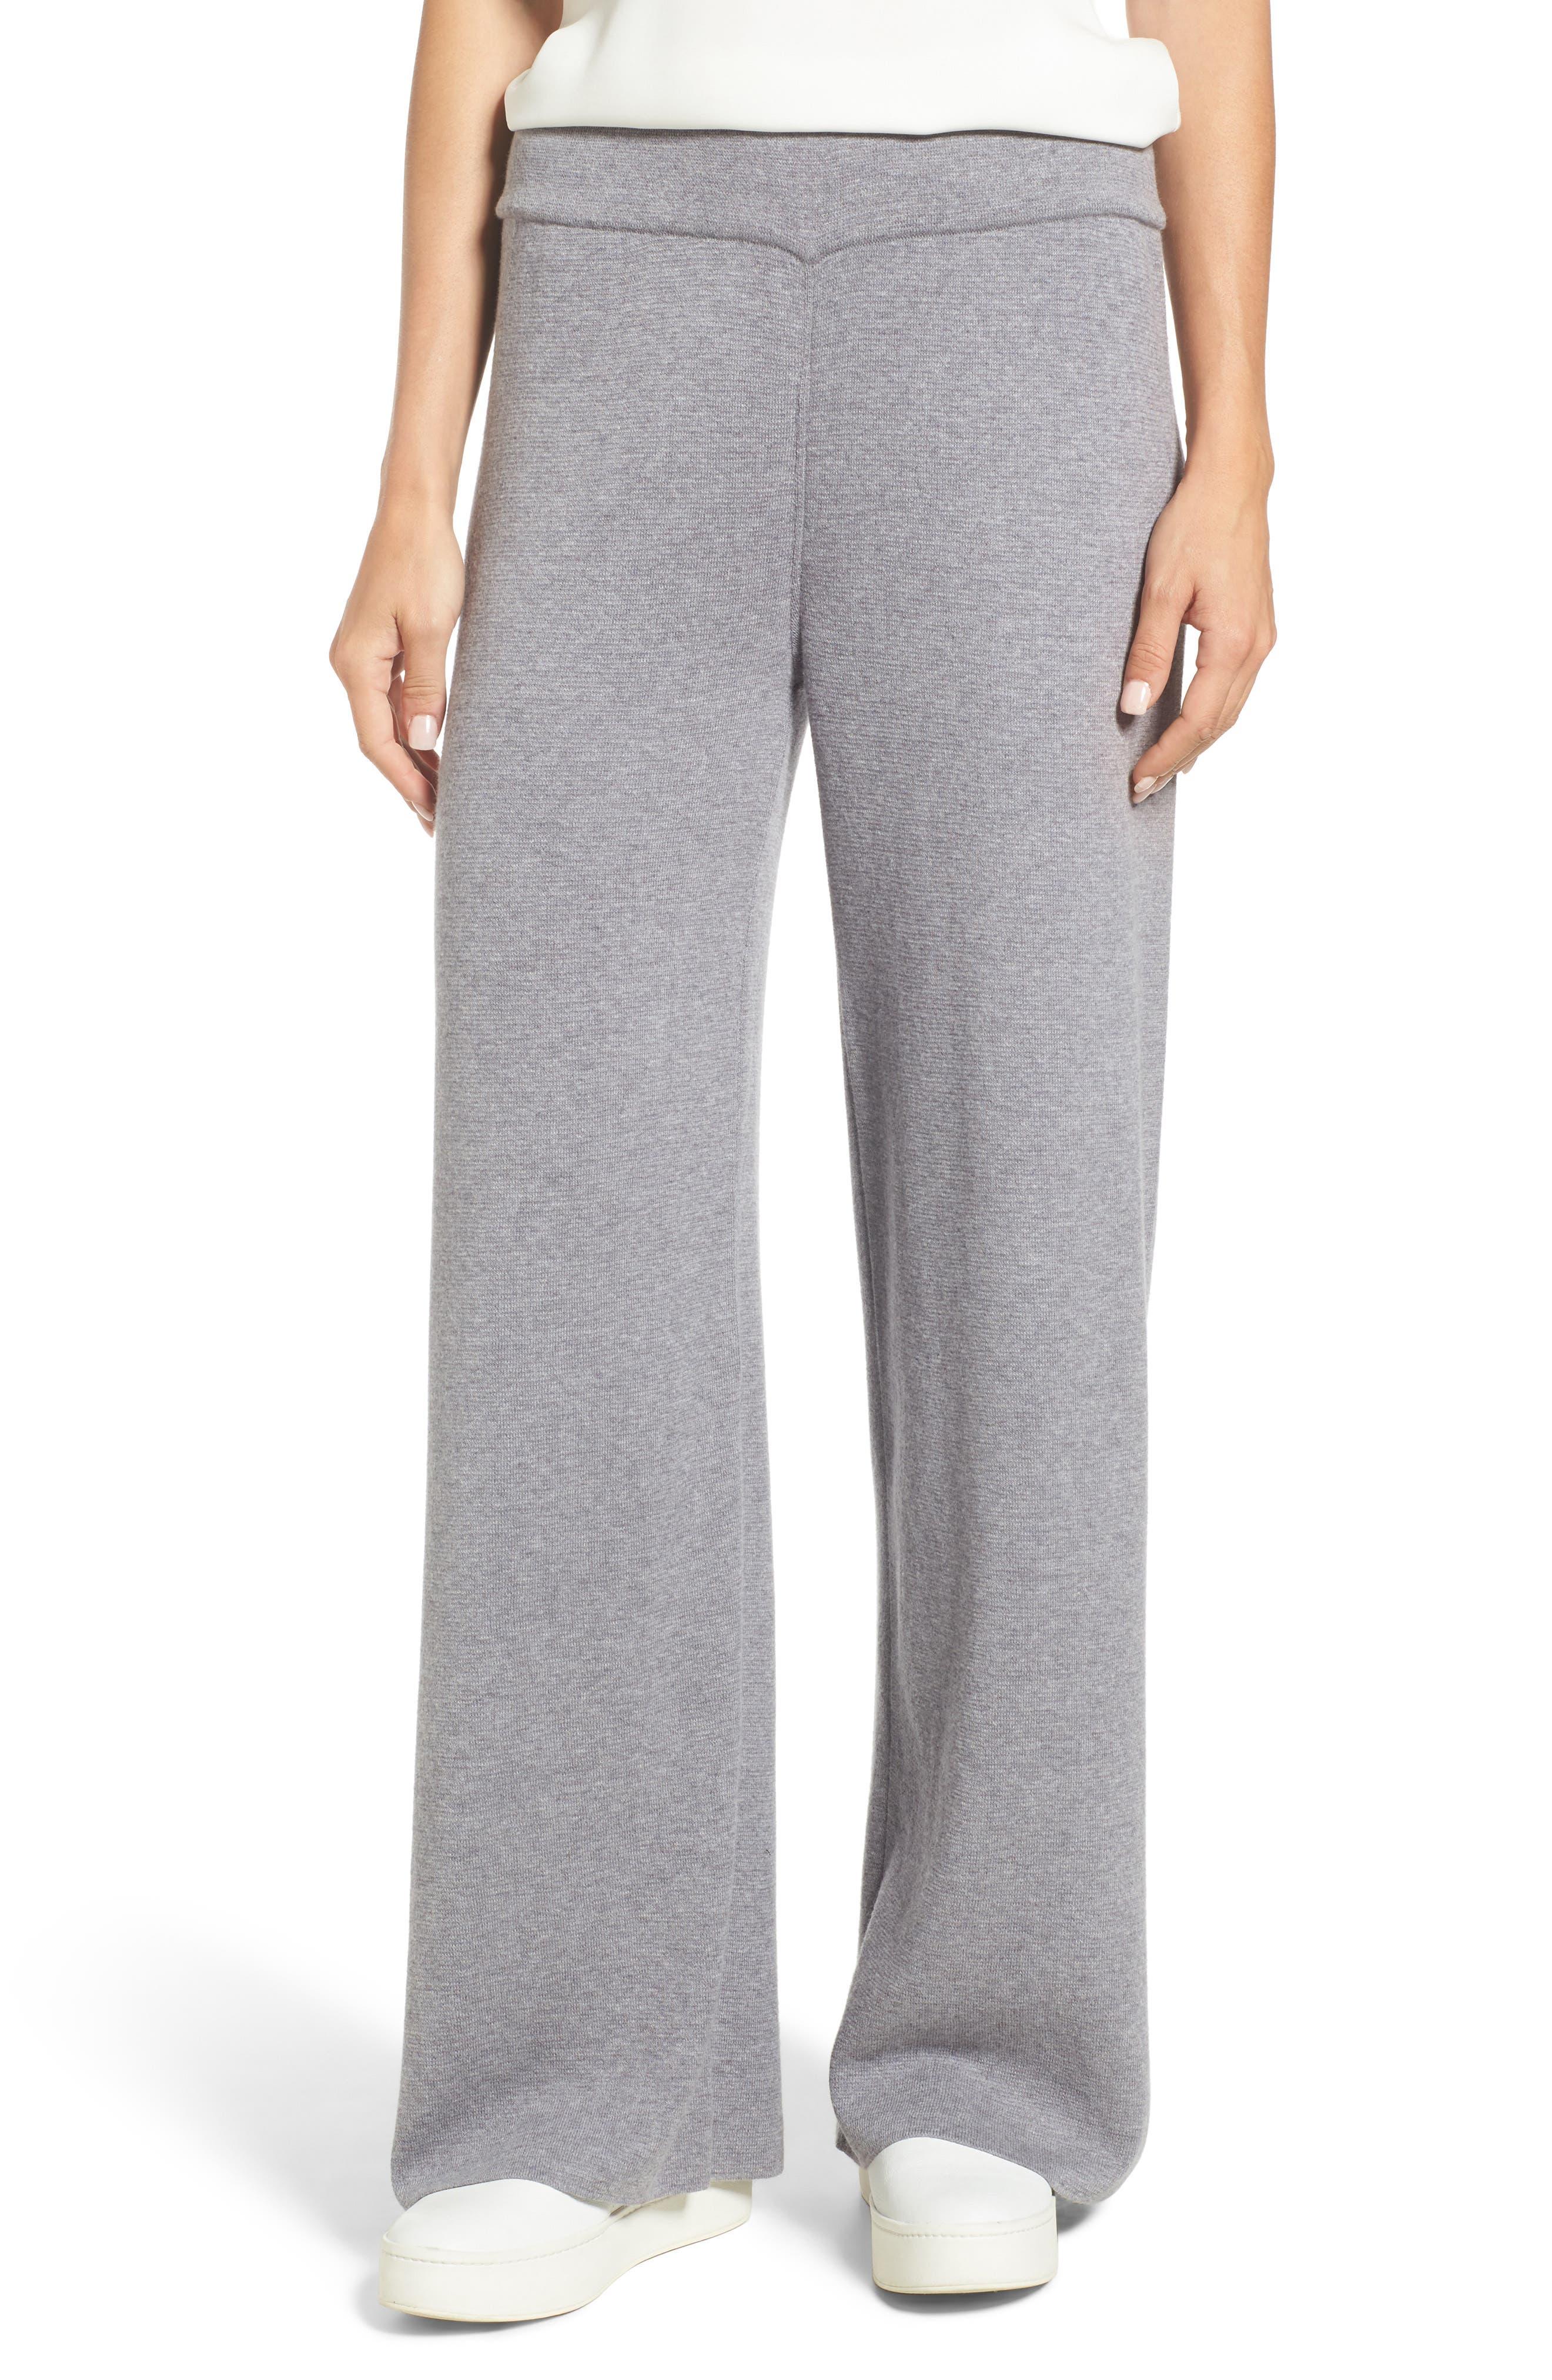 Heathered Knit Pants,                             Main thumbnail 1, color,                             WARM GREY